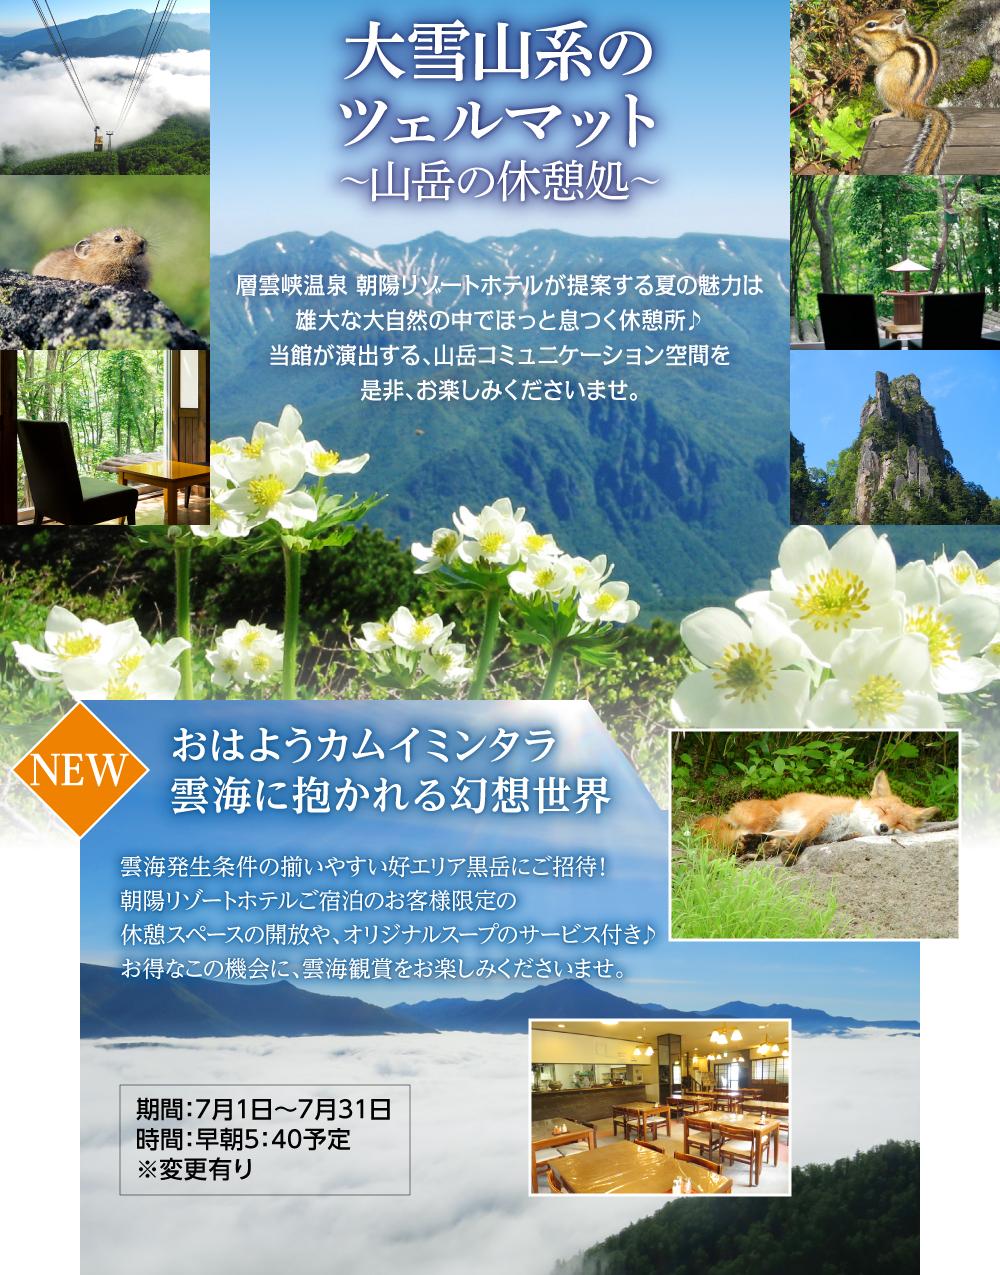 層雲峡温泉 朝陽リゾートホテル 2019夏 山岳の休憩所 イベント